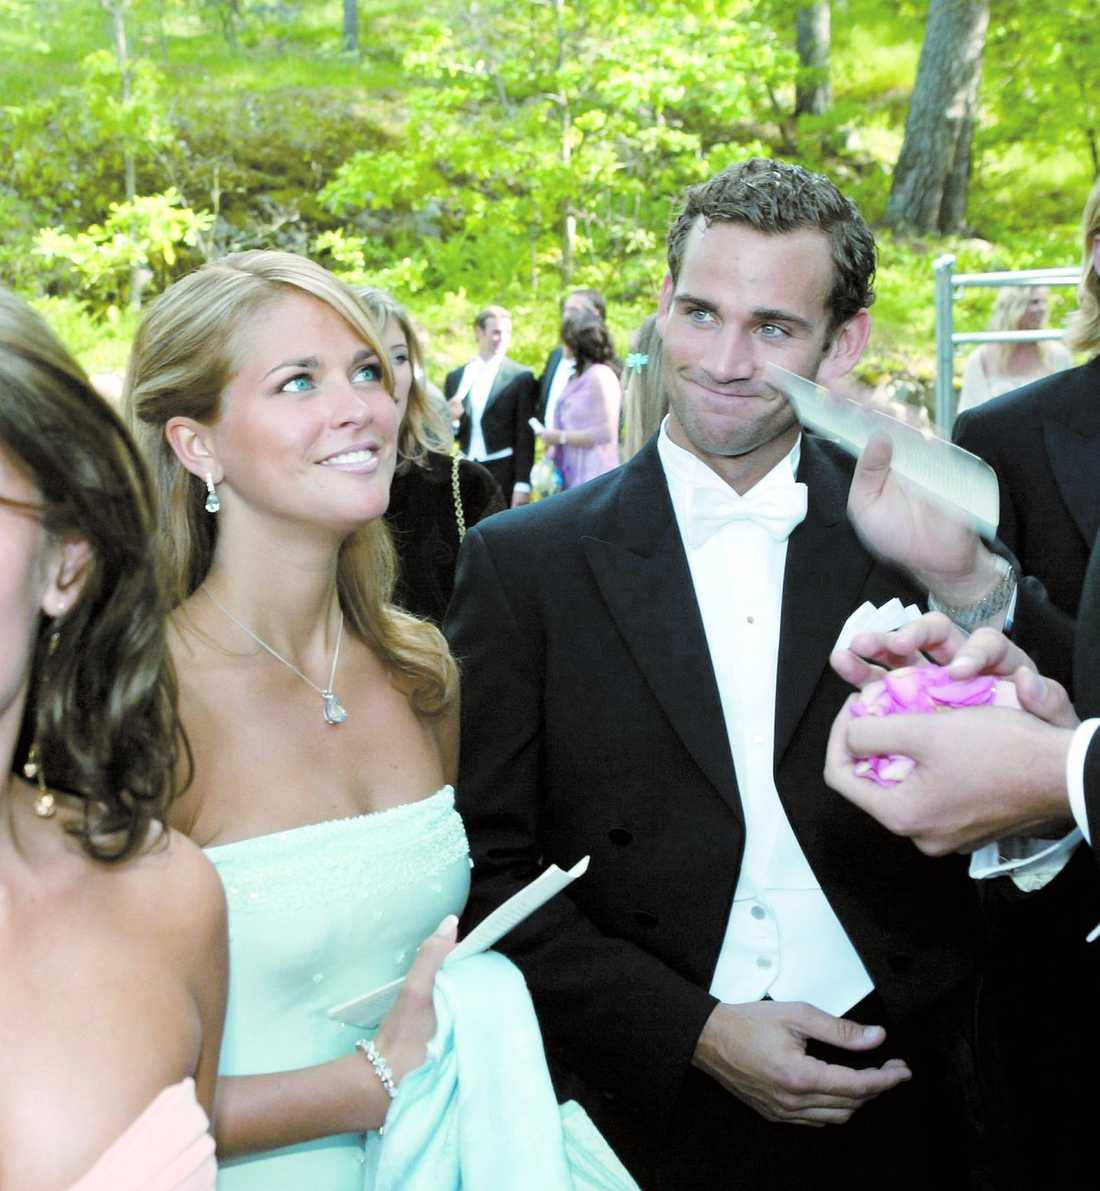 Nu har prinsessan Madeleine, 27, förlovat sig med sin Jonas Bergström, 30. Paret befinner sig just nu på Solliden på Öland tillsammans med kungen och drottningen.